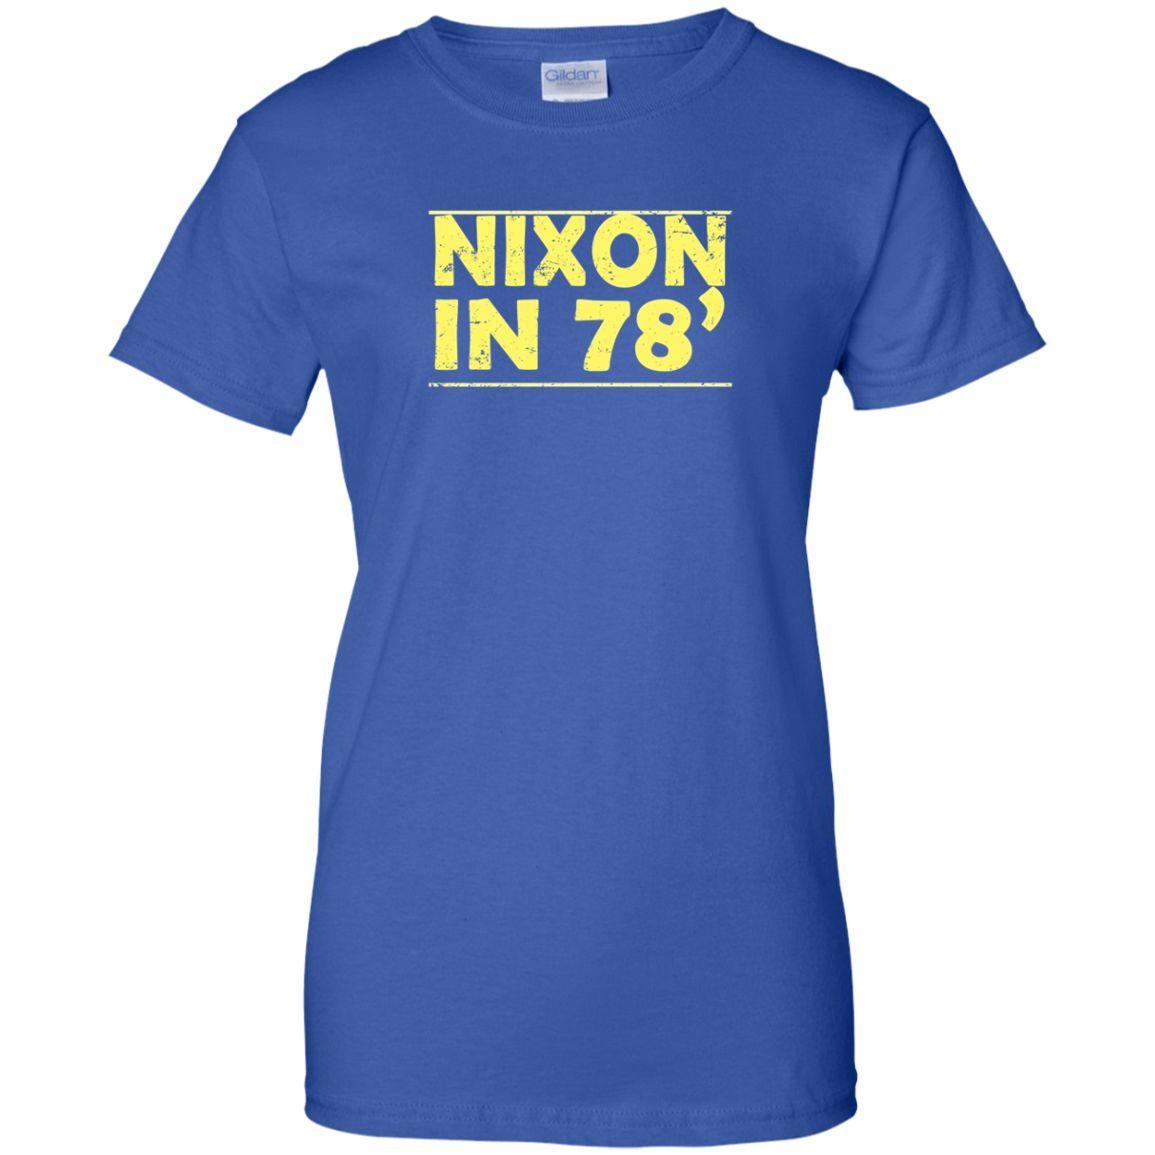 Nixon Tshirt Ladies Custom 100 Cotton T Shirt Products